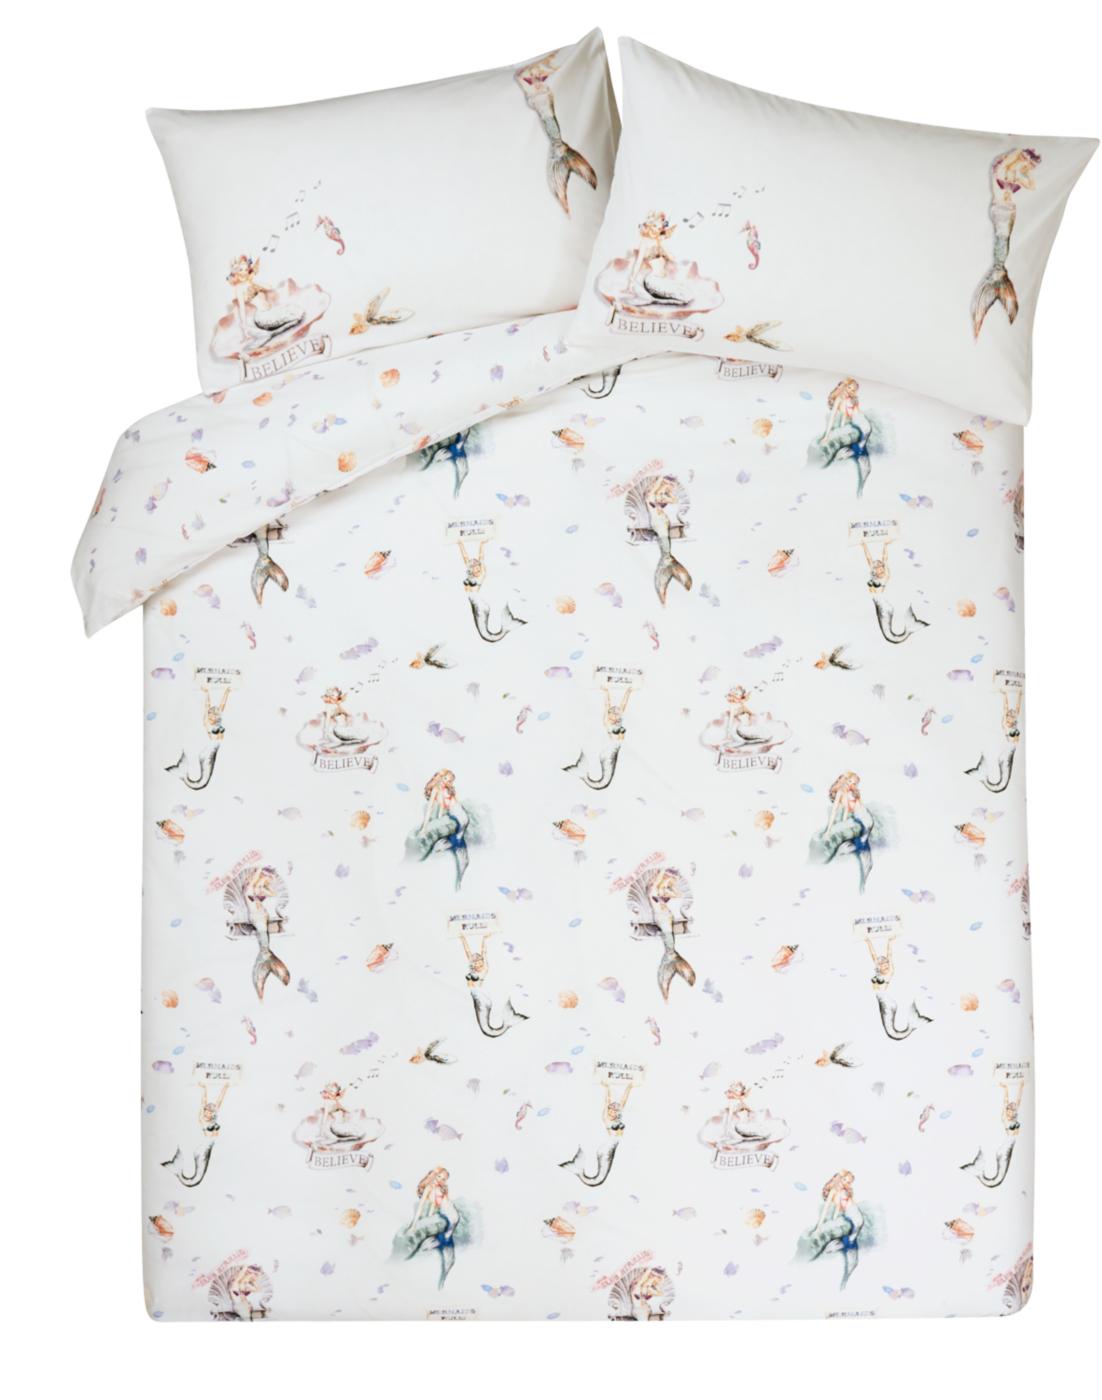 Mermaid Bedroom Set Duvet Covers